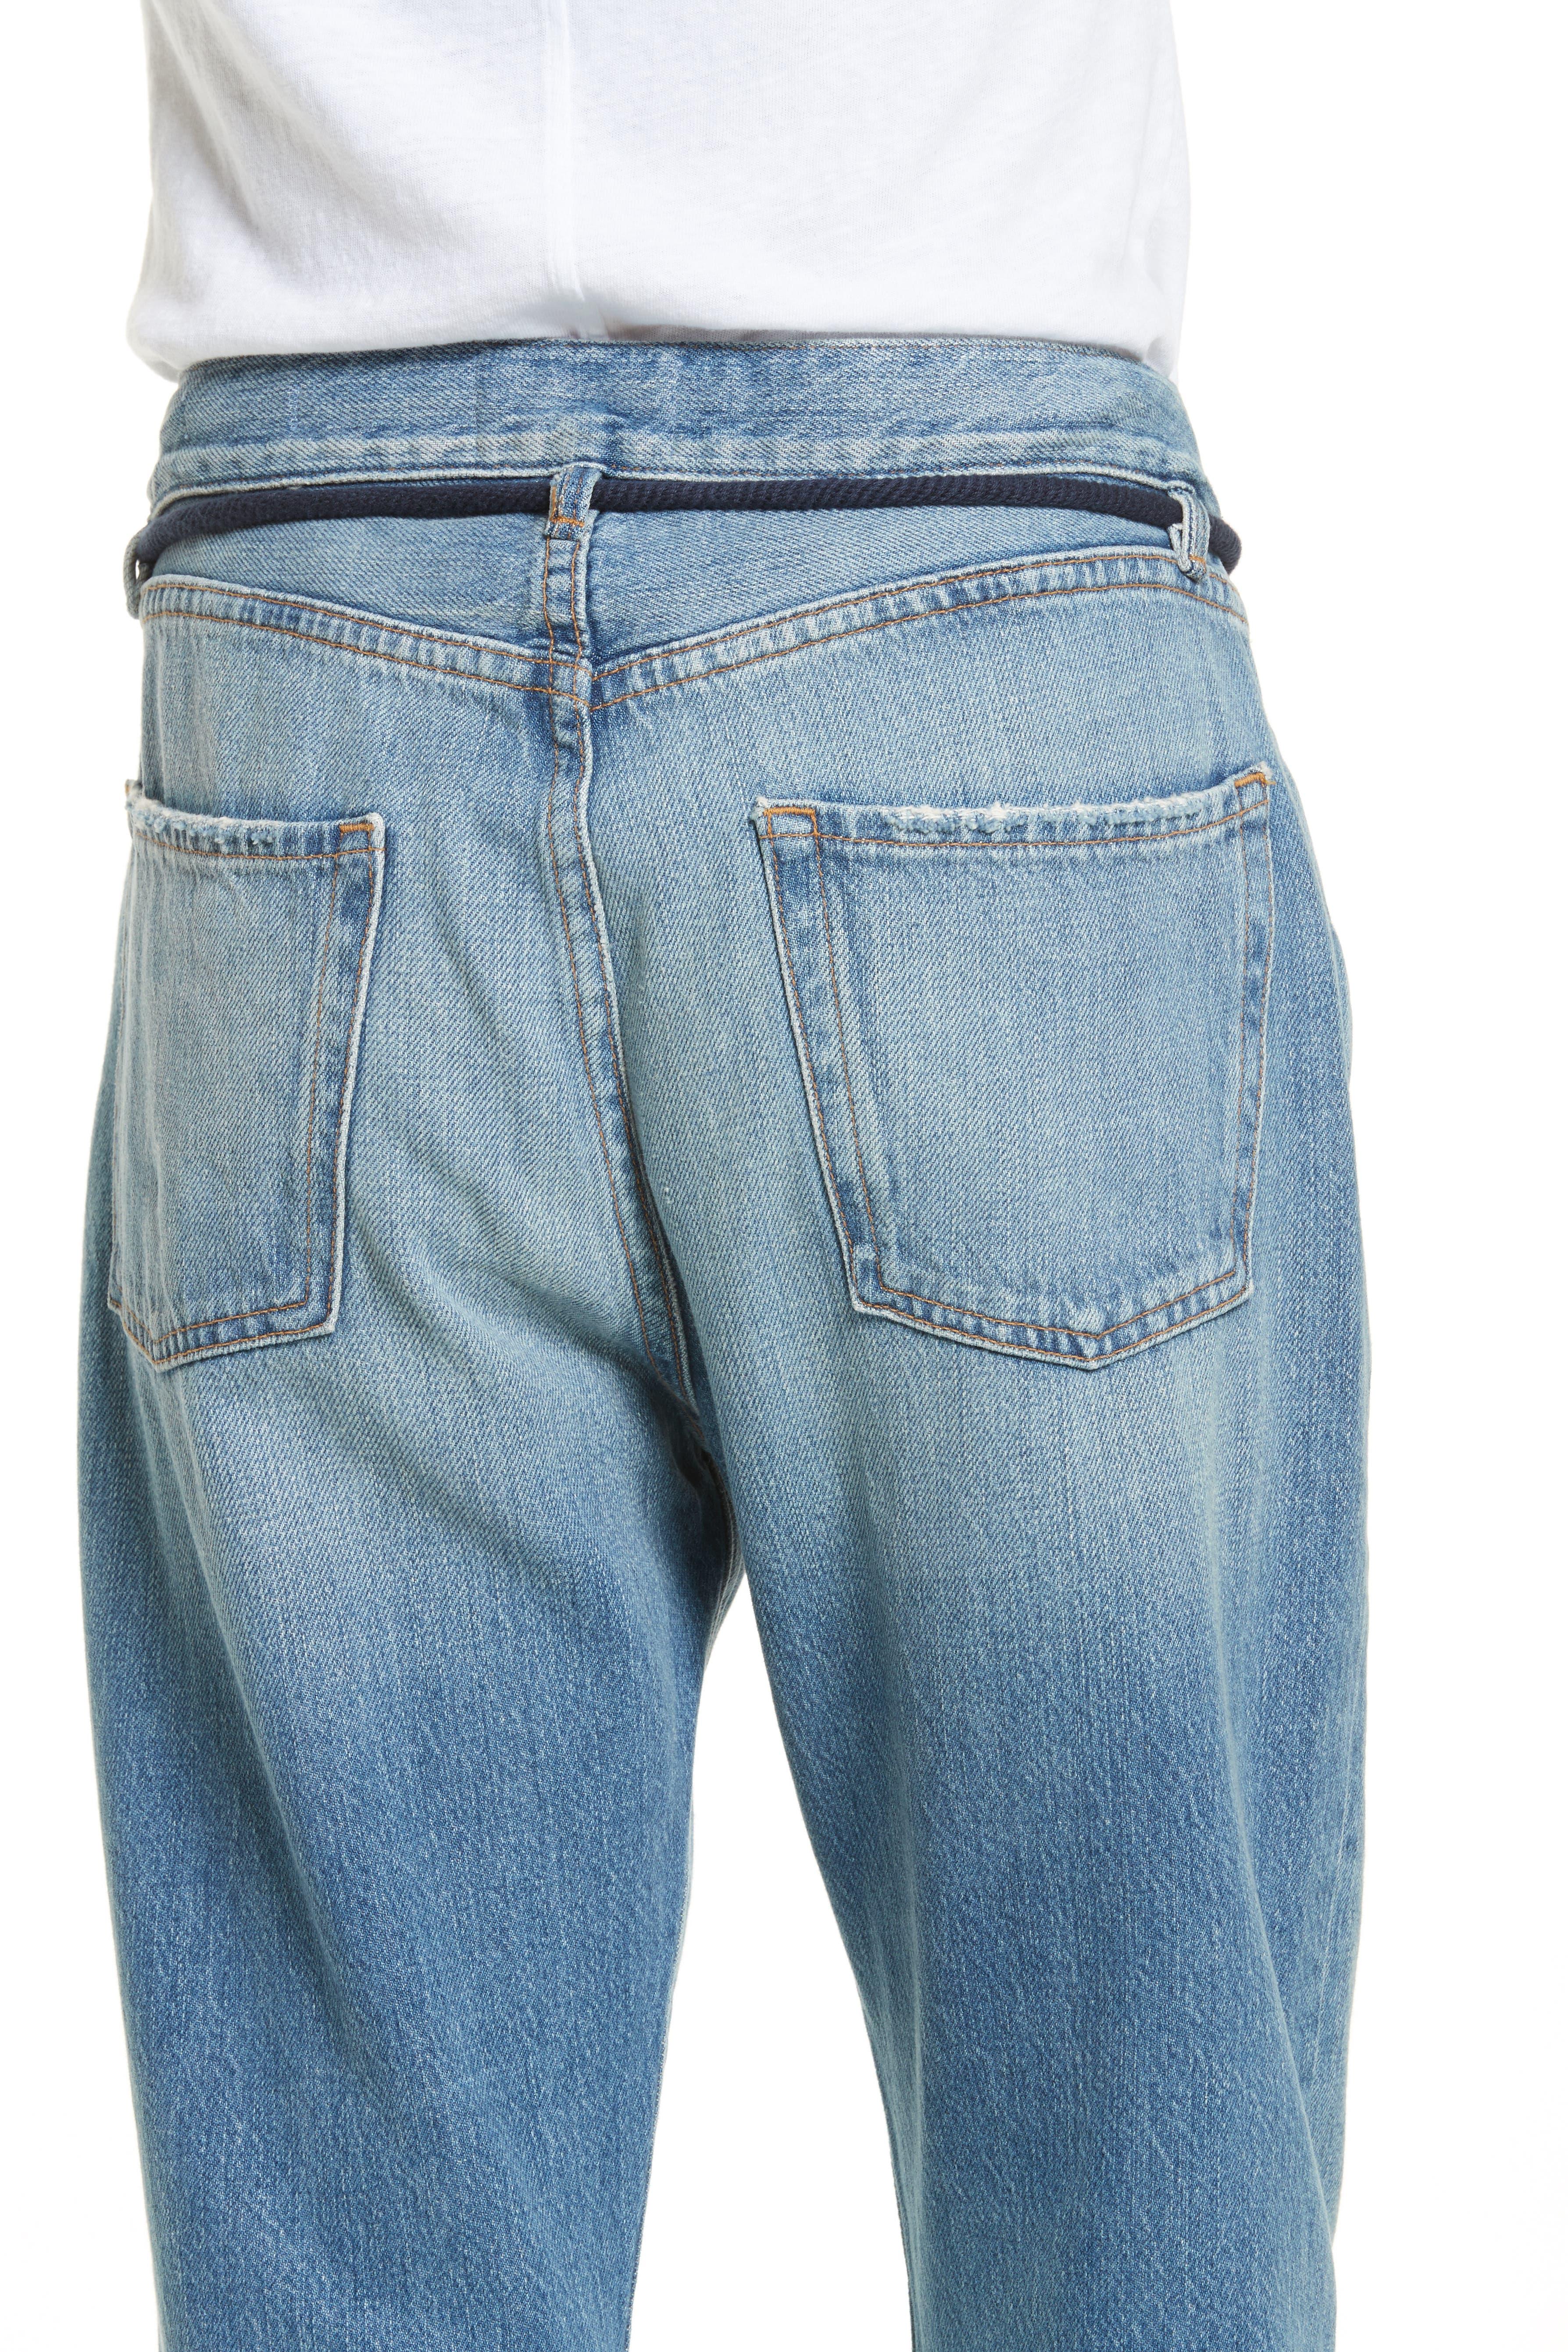 Le Original Tassel Tie High Waist Jeans,                             Alternate thumbnail 8, color,                             Bowman